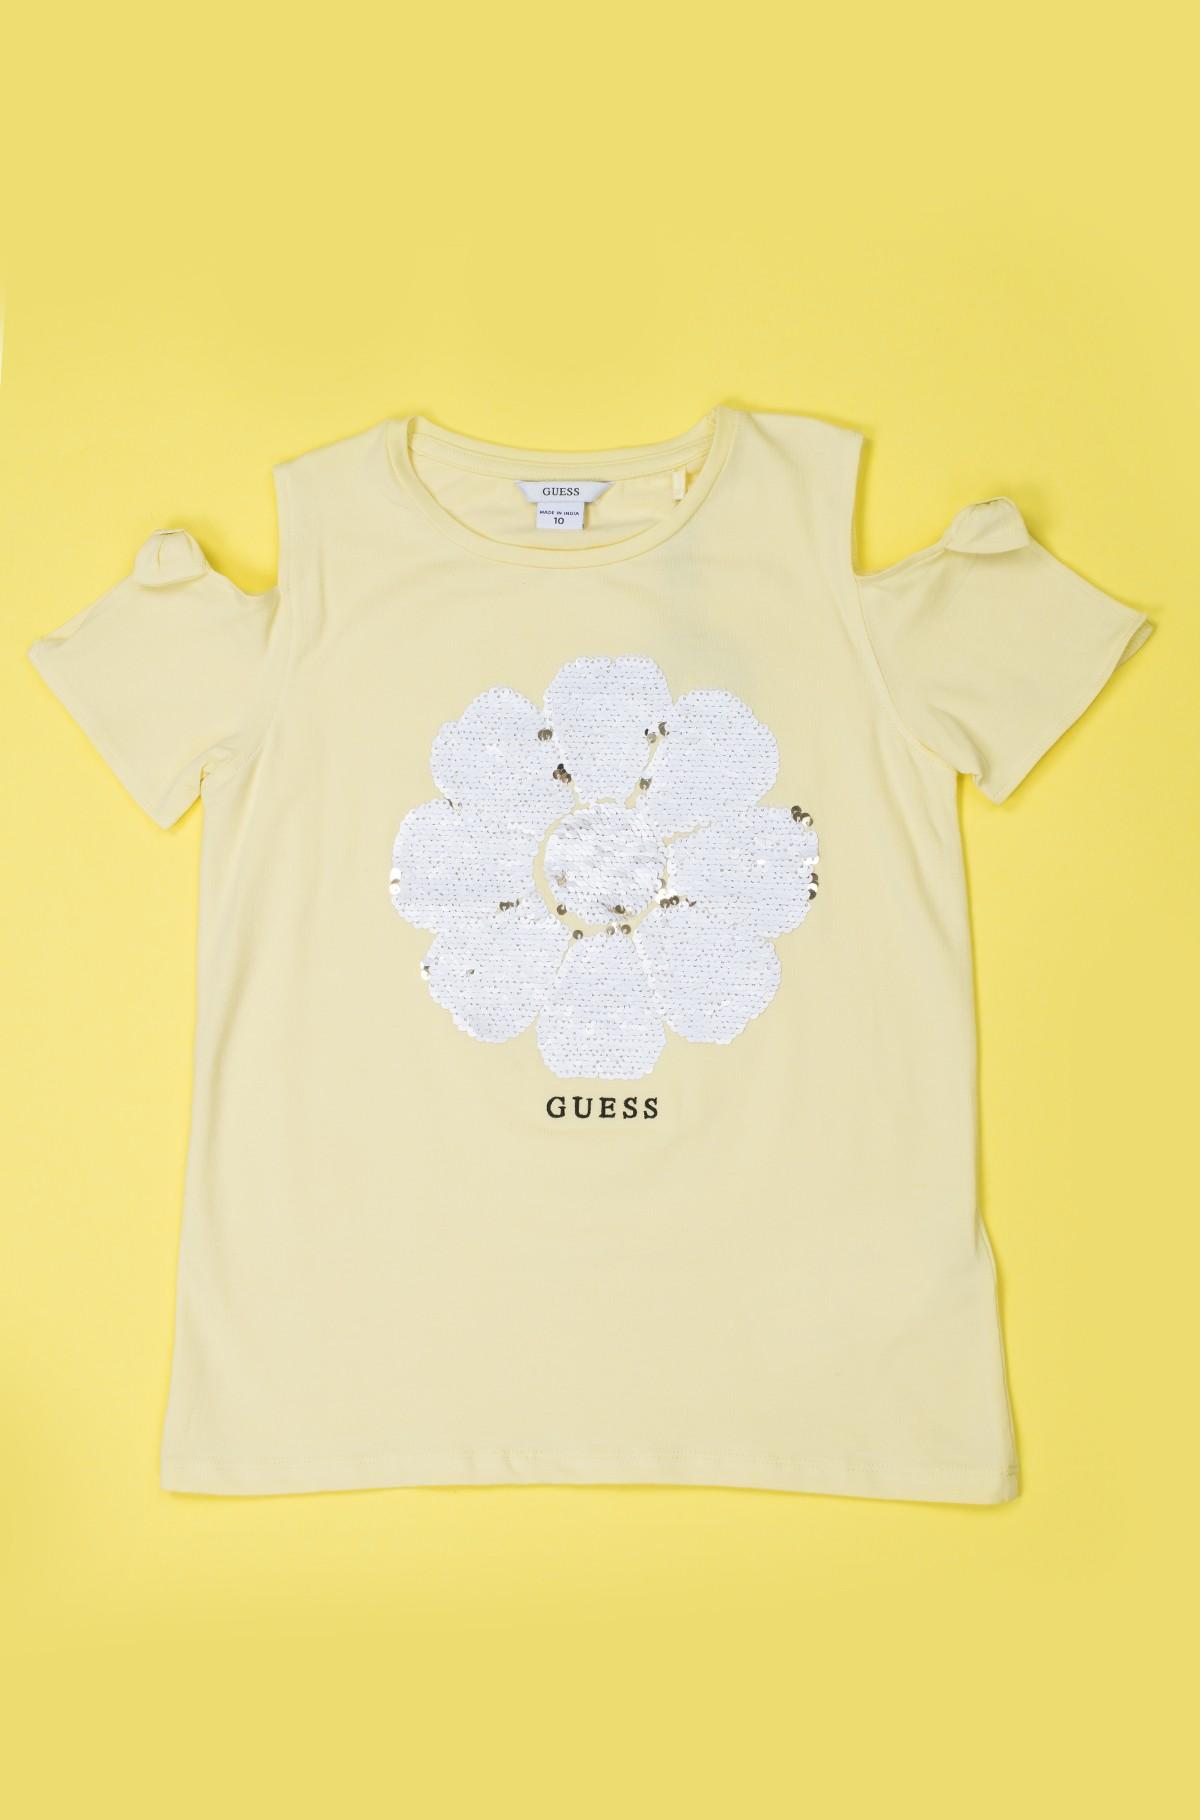 Vaikiški marškinėliai trumpomis rankovėmis J92I08 K82J0-full-1